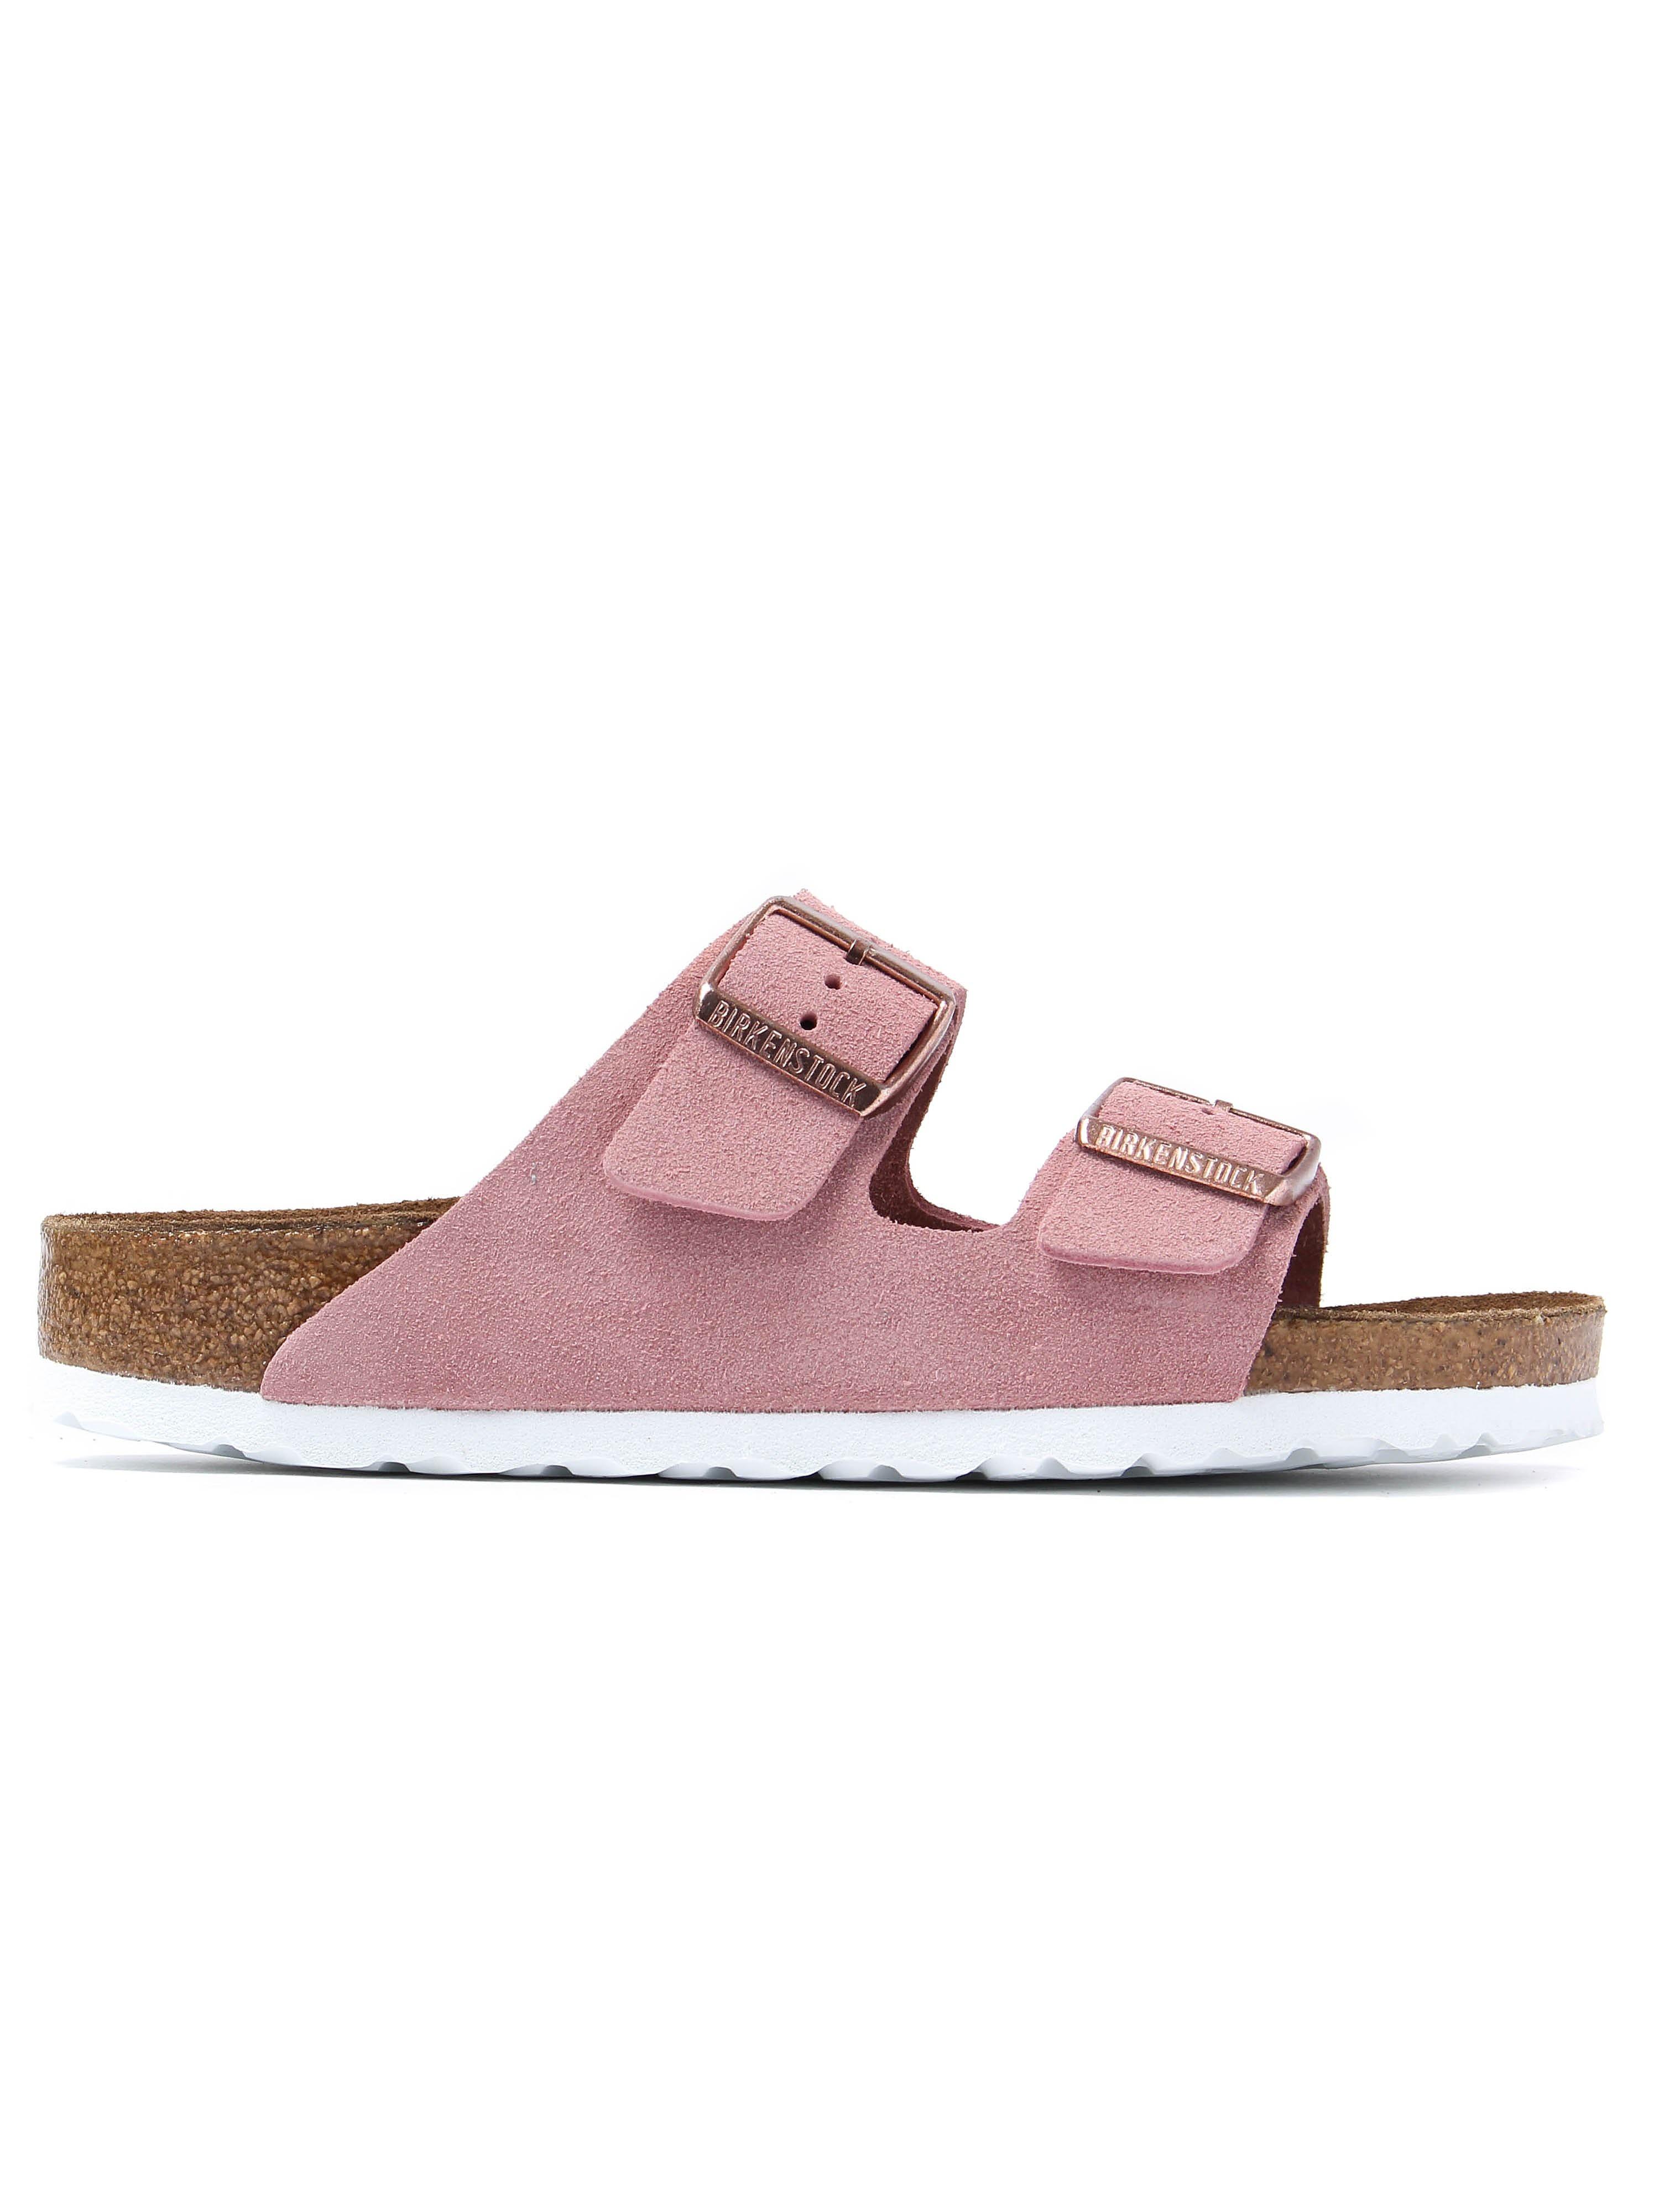 Birkenstock Women's Arizona Narrow Fit Sandals - Rose Suede